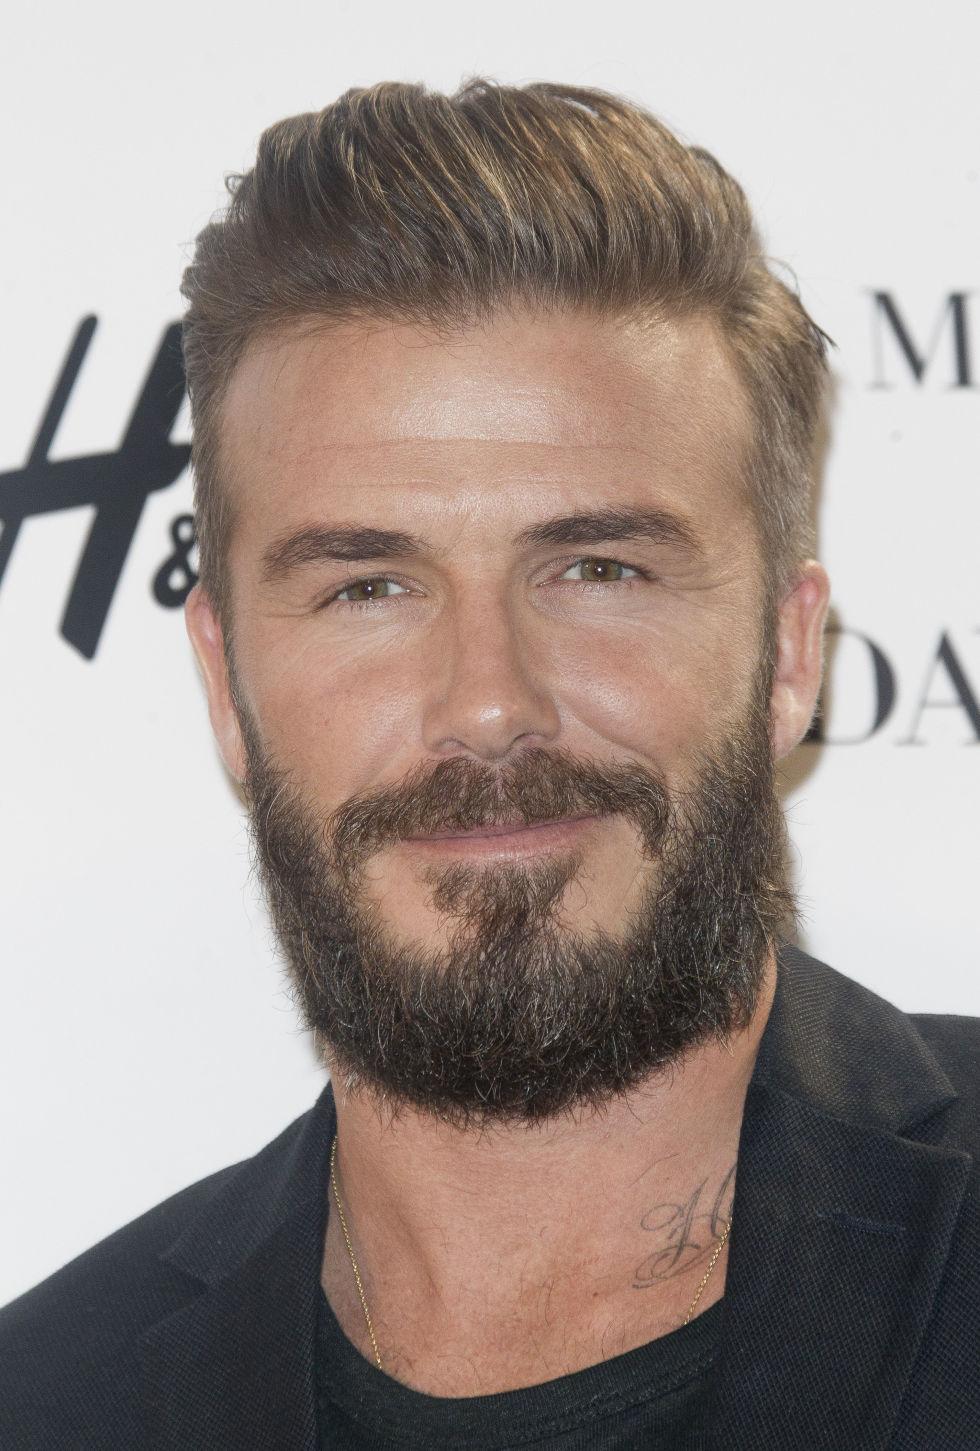 David Beckham has a beard now - gallery_nrm_1426881232-david_beckham_with_a_massive_beard